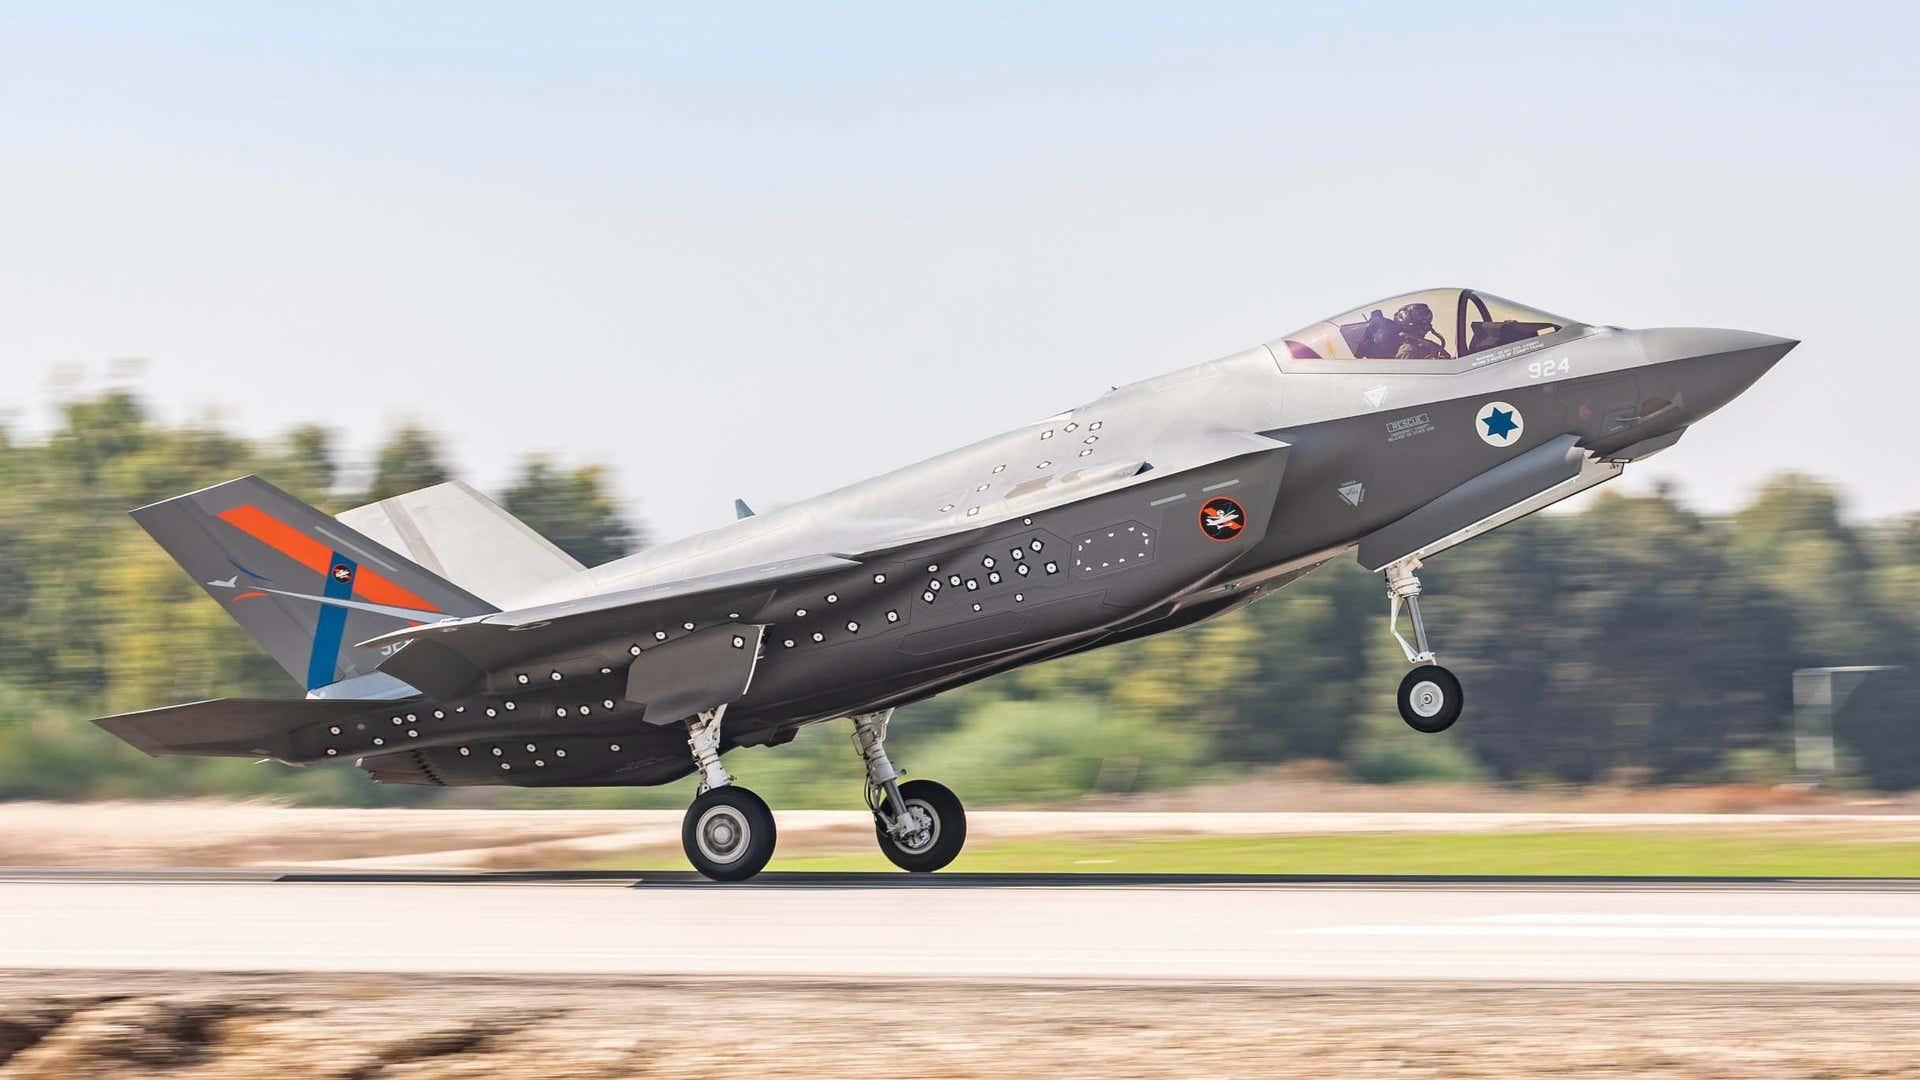 Официально: заправщики KC-46 и другие F-35 для Израиля, но пока никаких усовершенствованных F-15